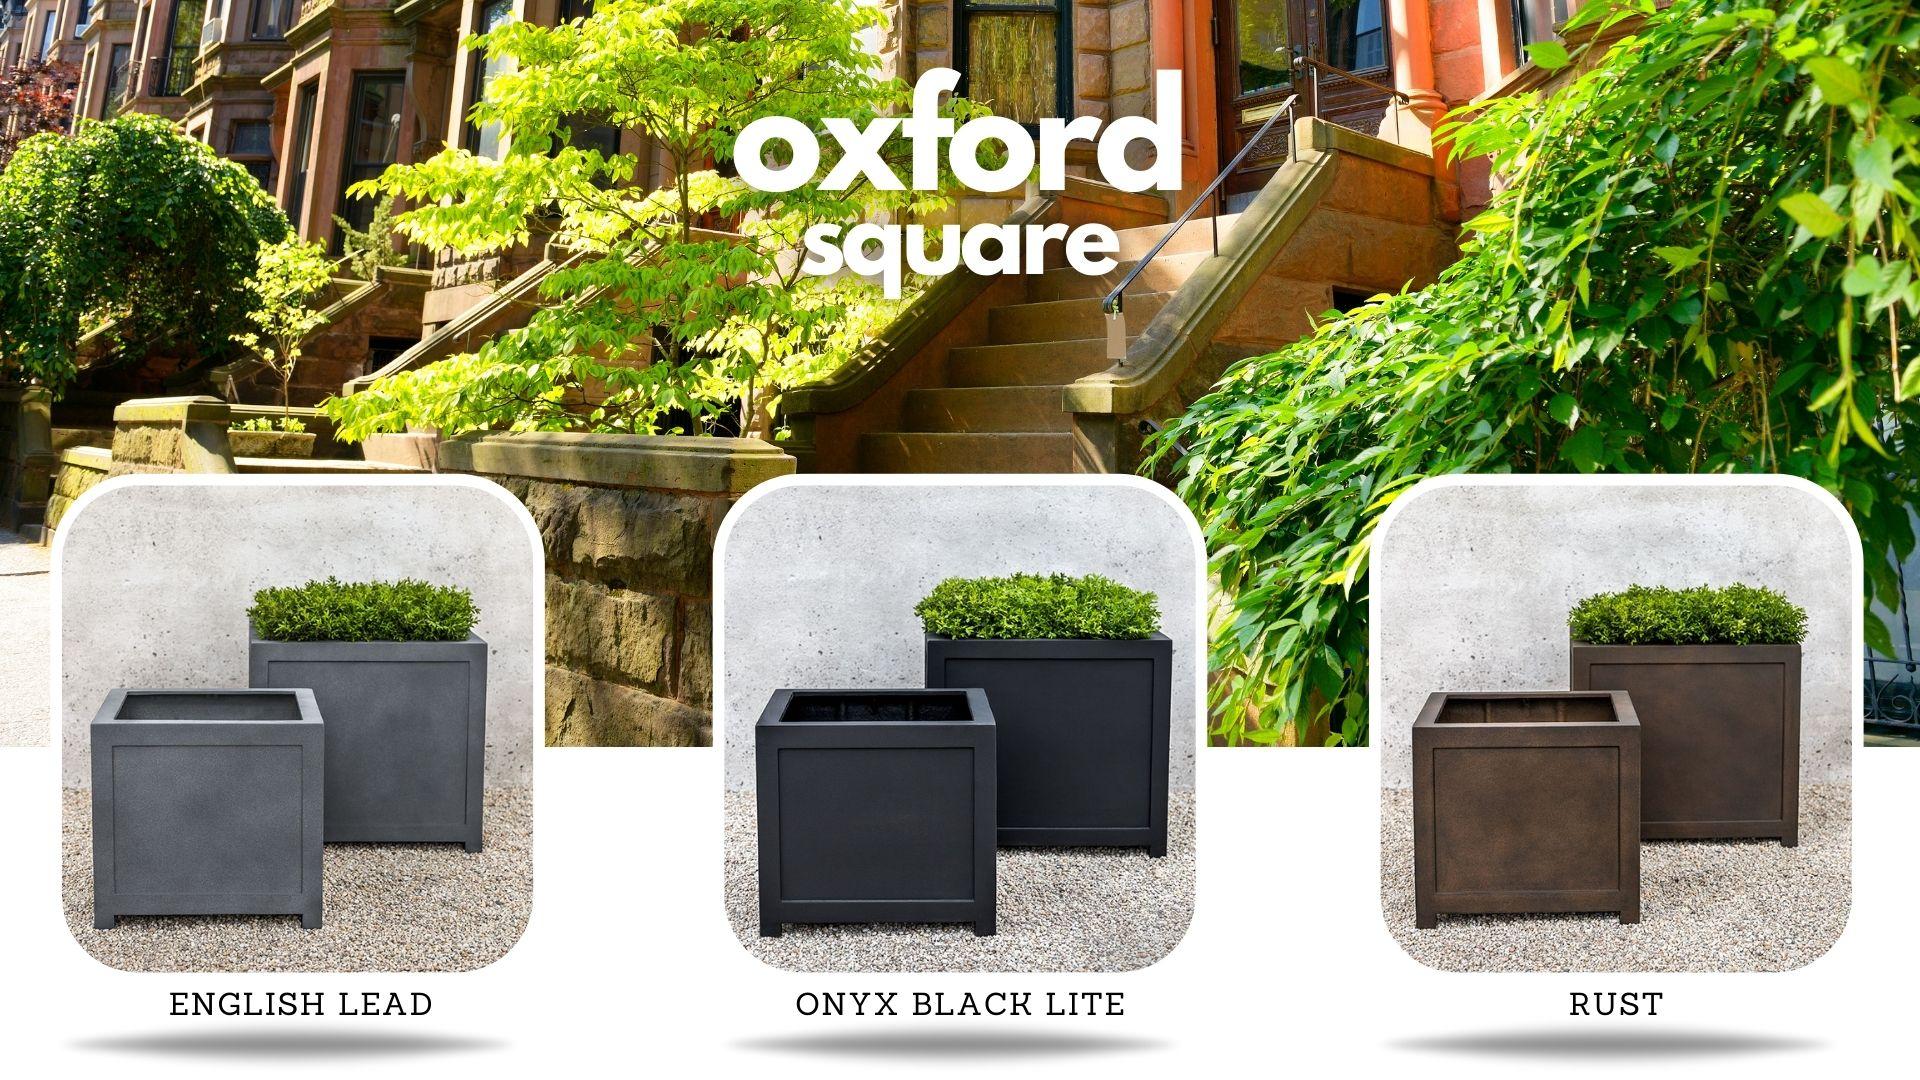 oxford-square-fiberglass lite planter